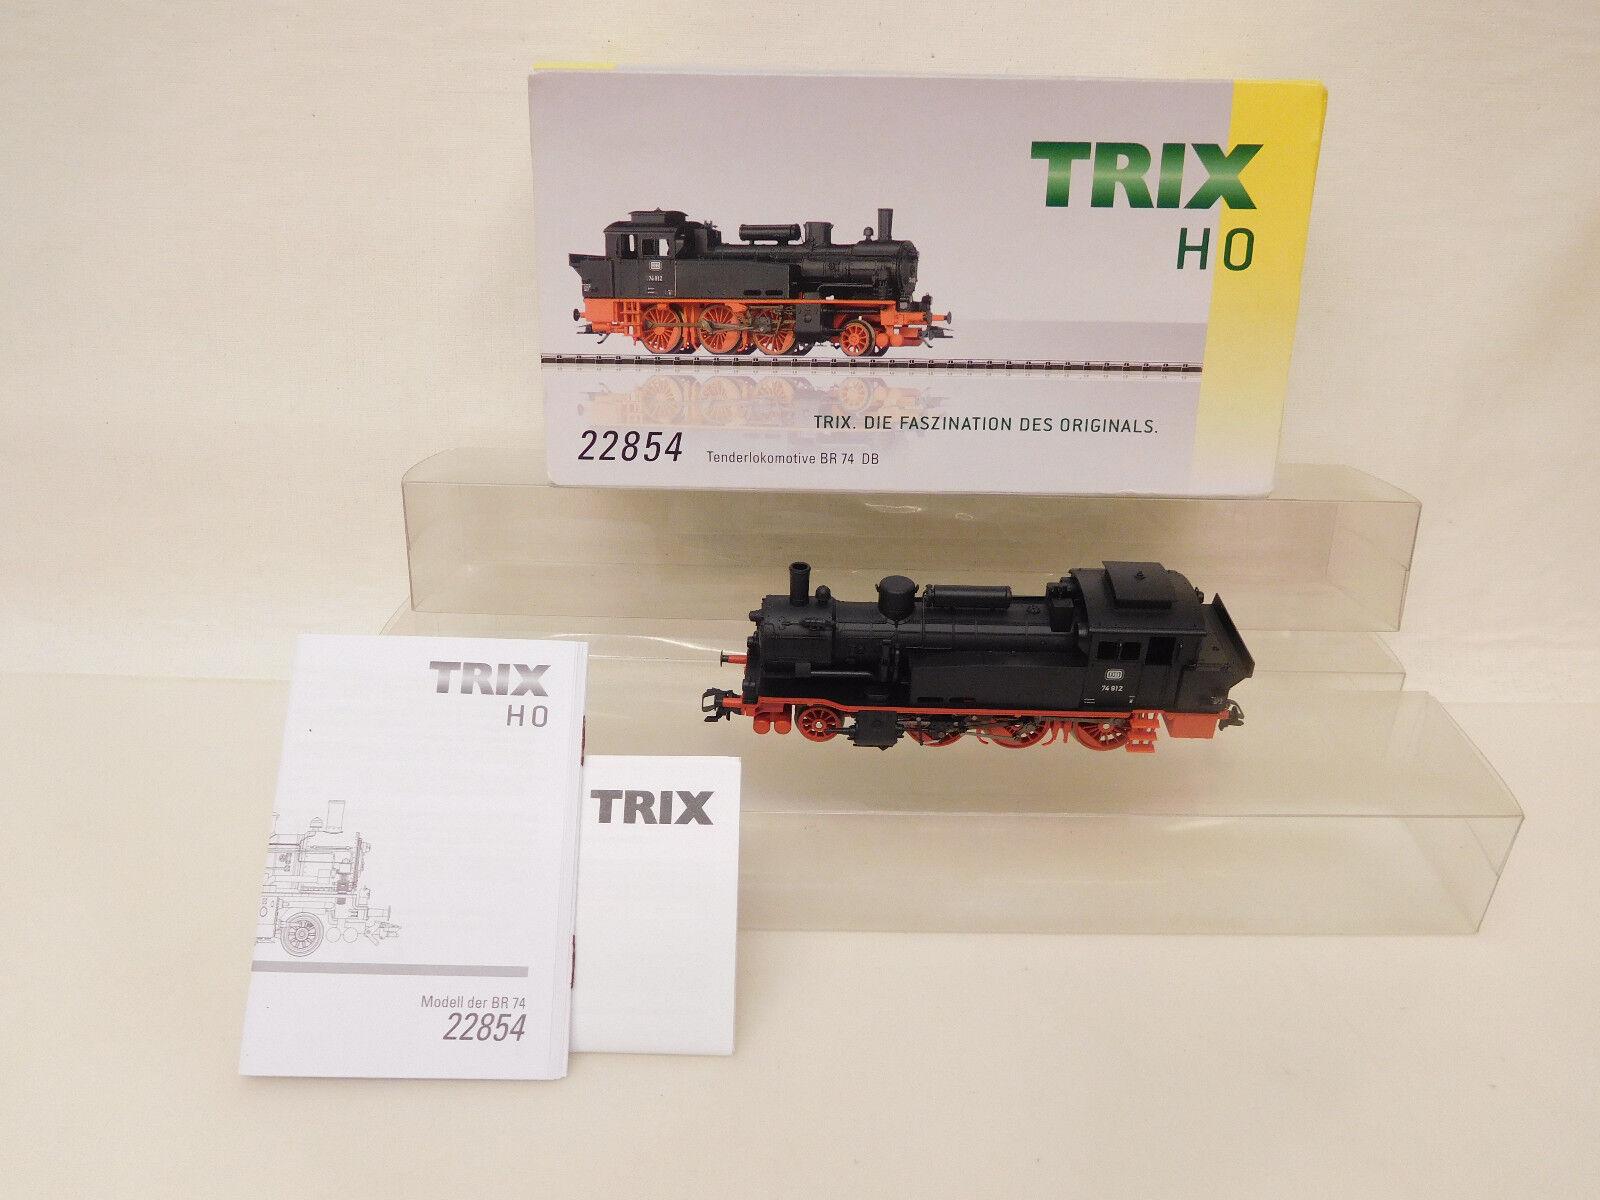 Esf-04543 22854 Trix h0 máquina de vapor DB 74912, función probadas, muy buen estado